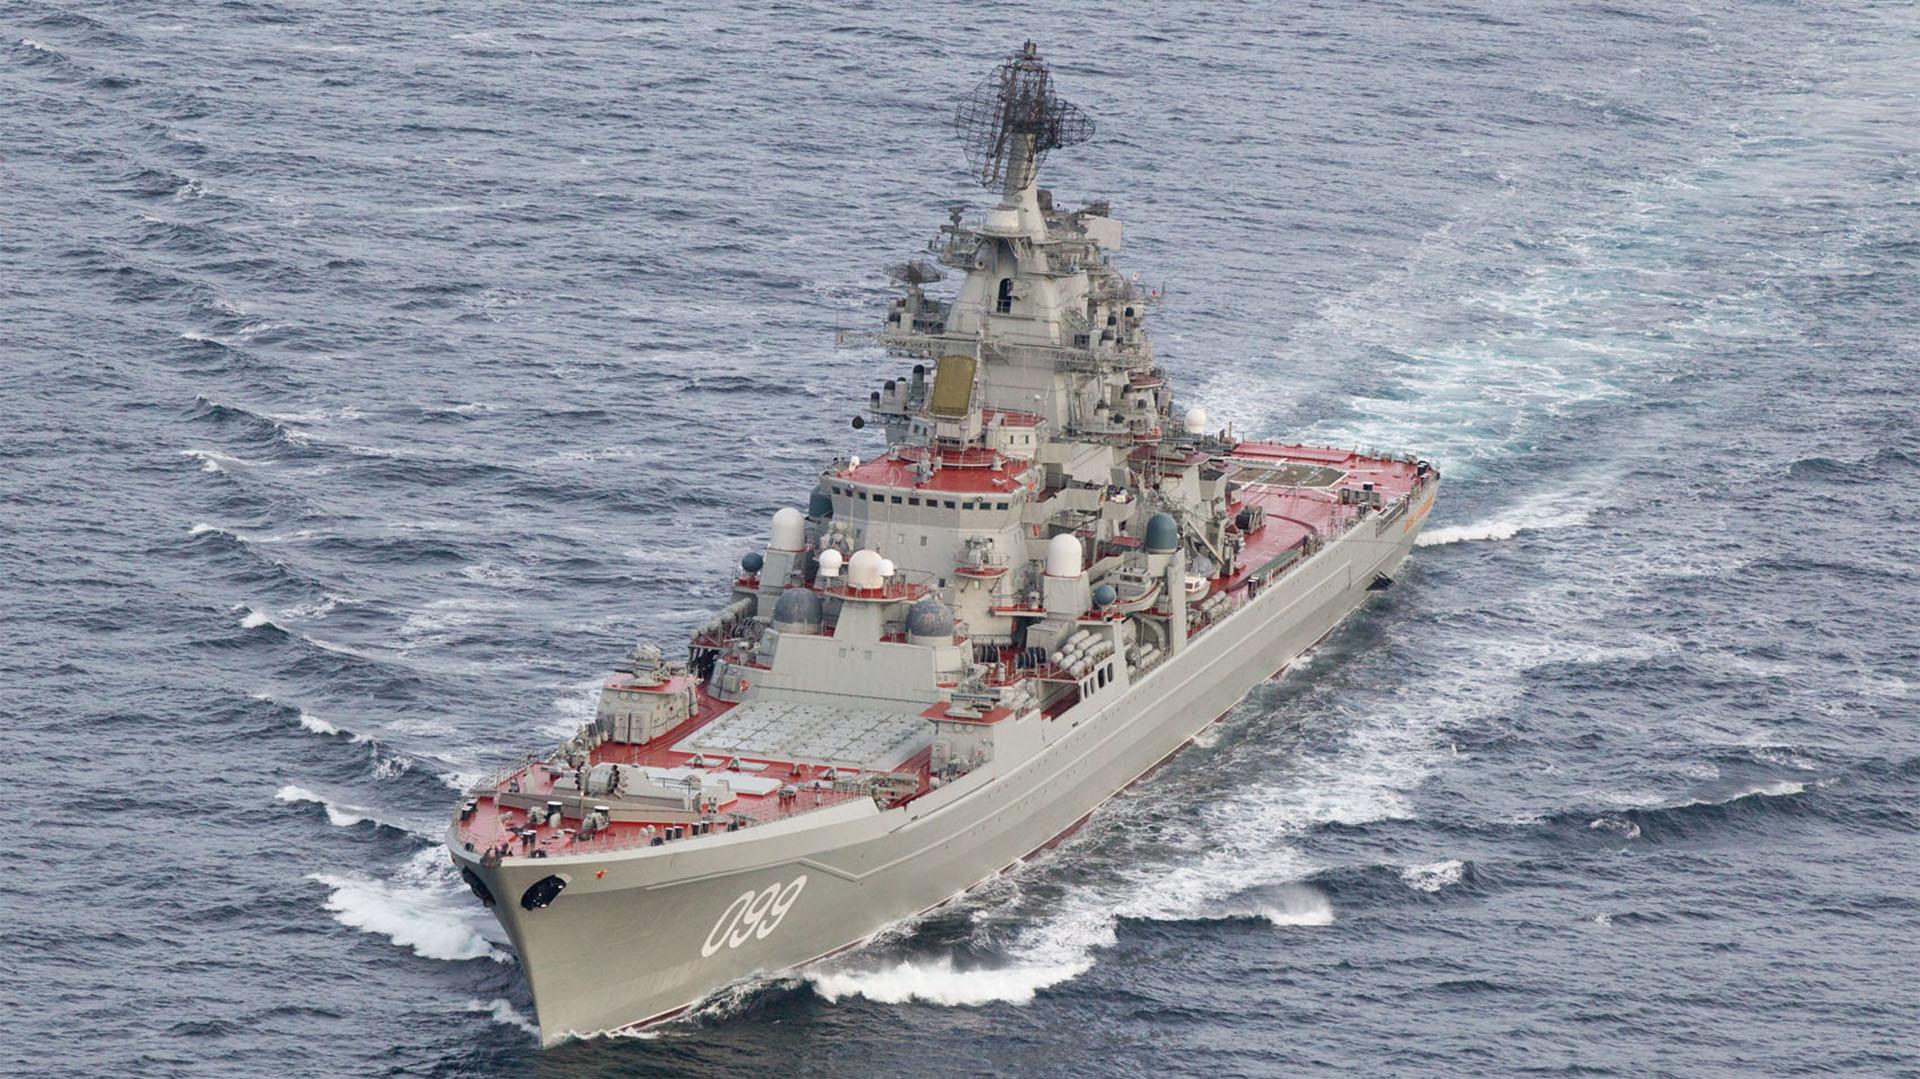 El crucero Pyotr Veliky tiene capacidad nuclear. Se espera que junto conlos demás barcos realicen ejercicios militares en la costa de Escocia, mientras crece la tensión con el Reino Unido (AFP)